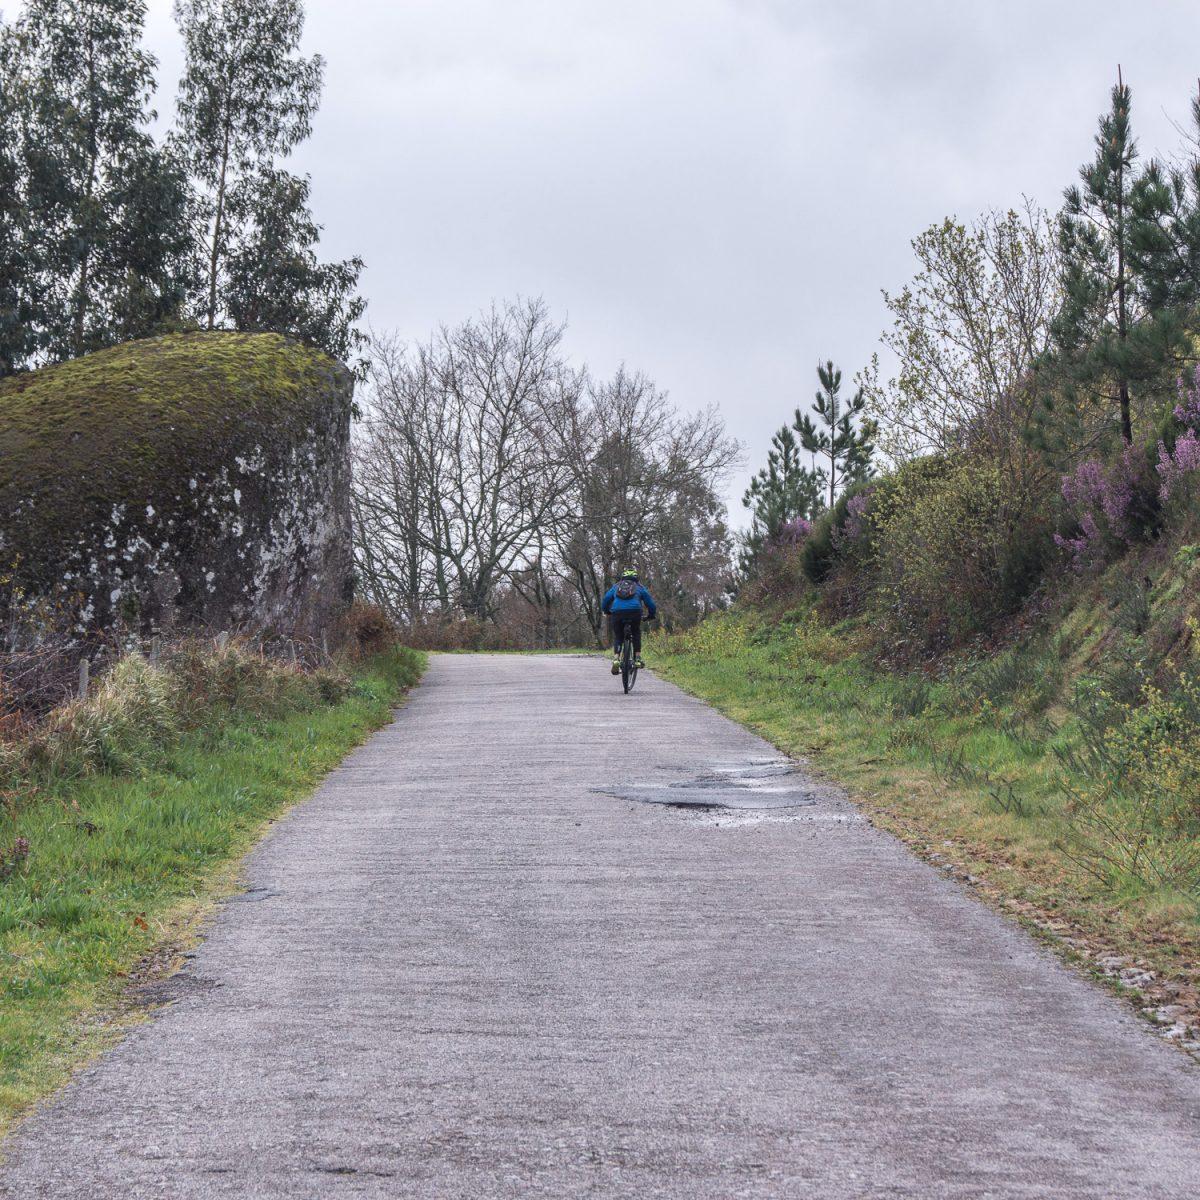 ciclista a subir a serra de ladário